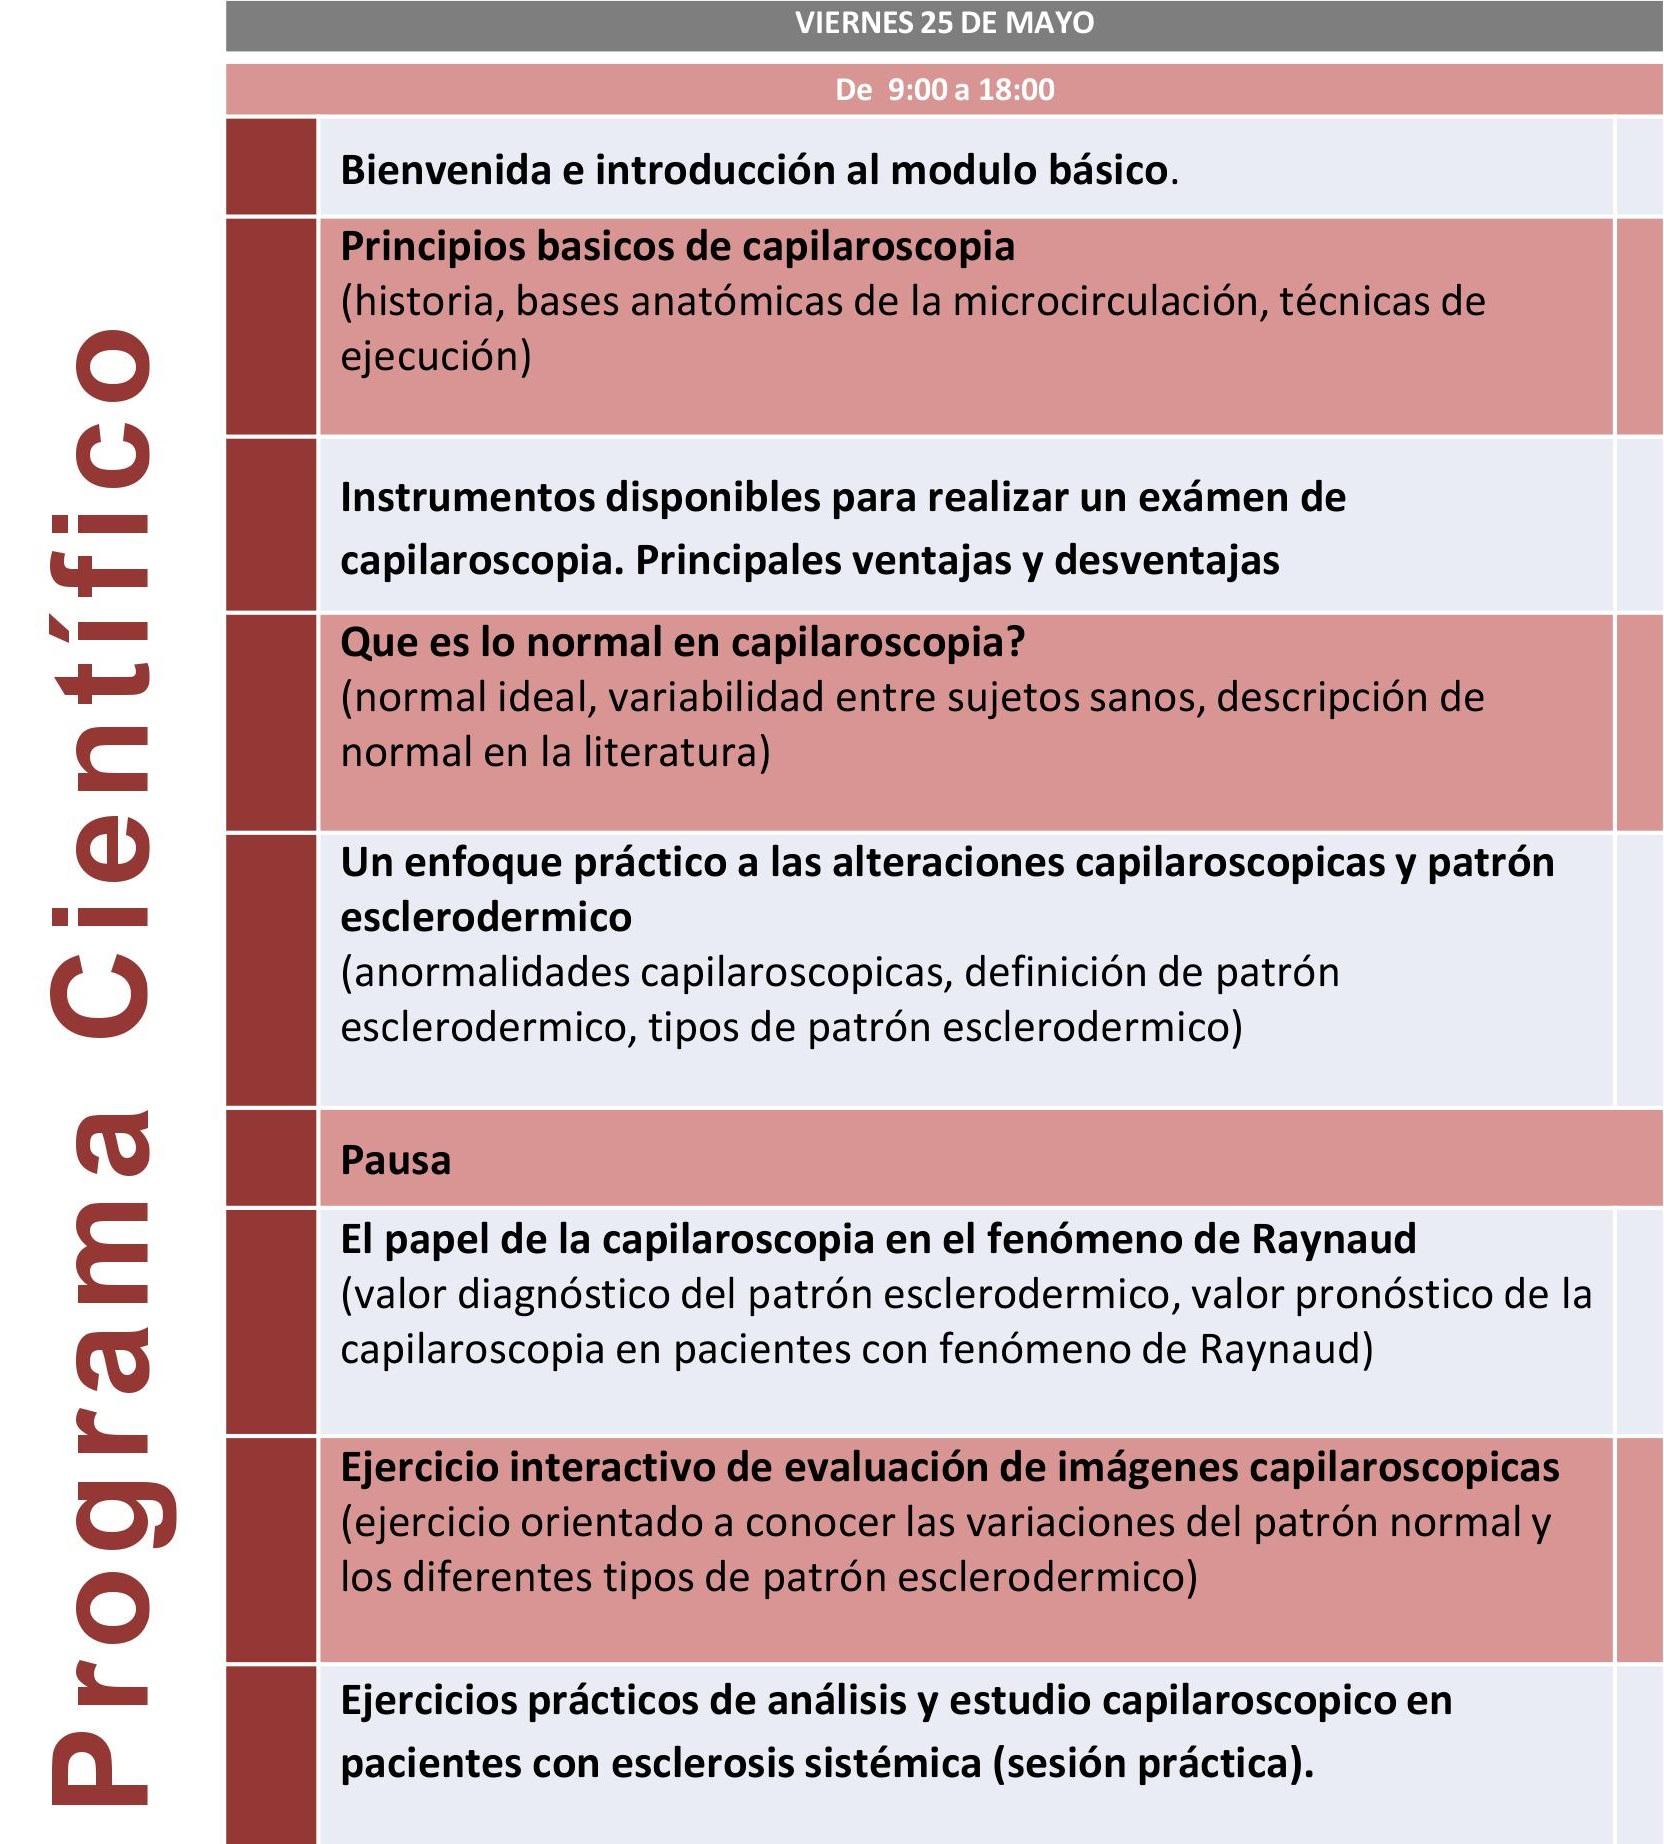 Curso de Capilaroscopia en Reumatología (Módulo Básico) | www panlar org